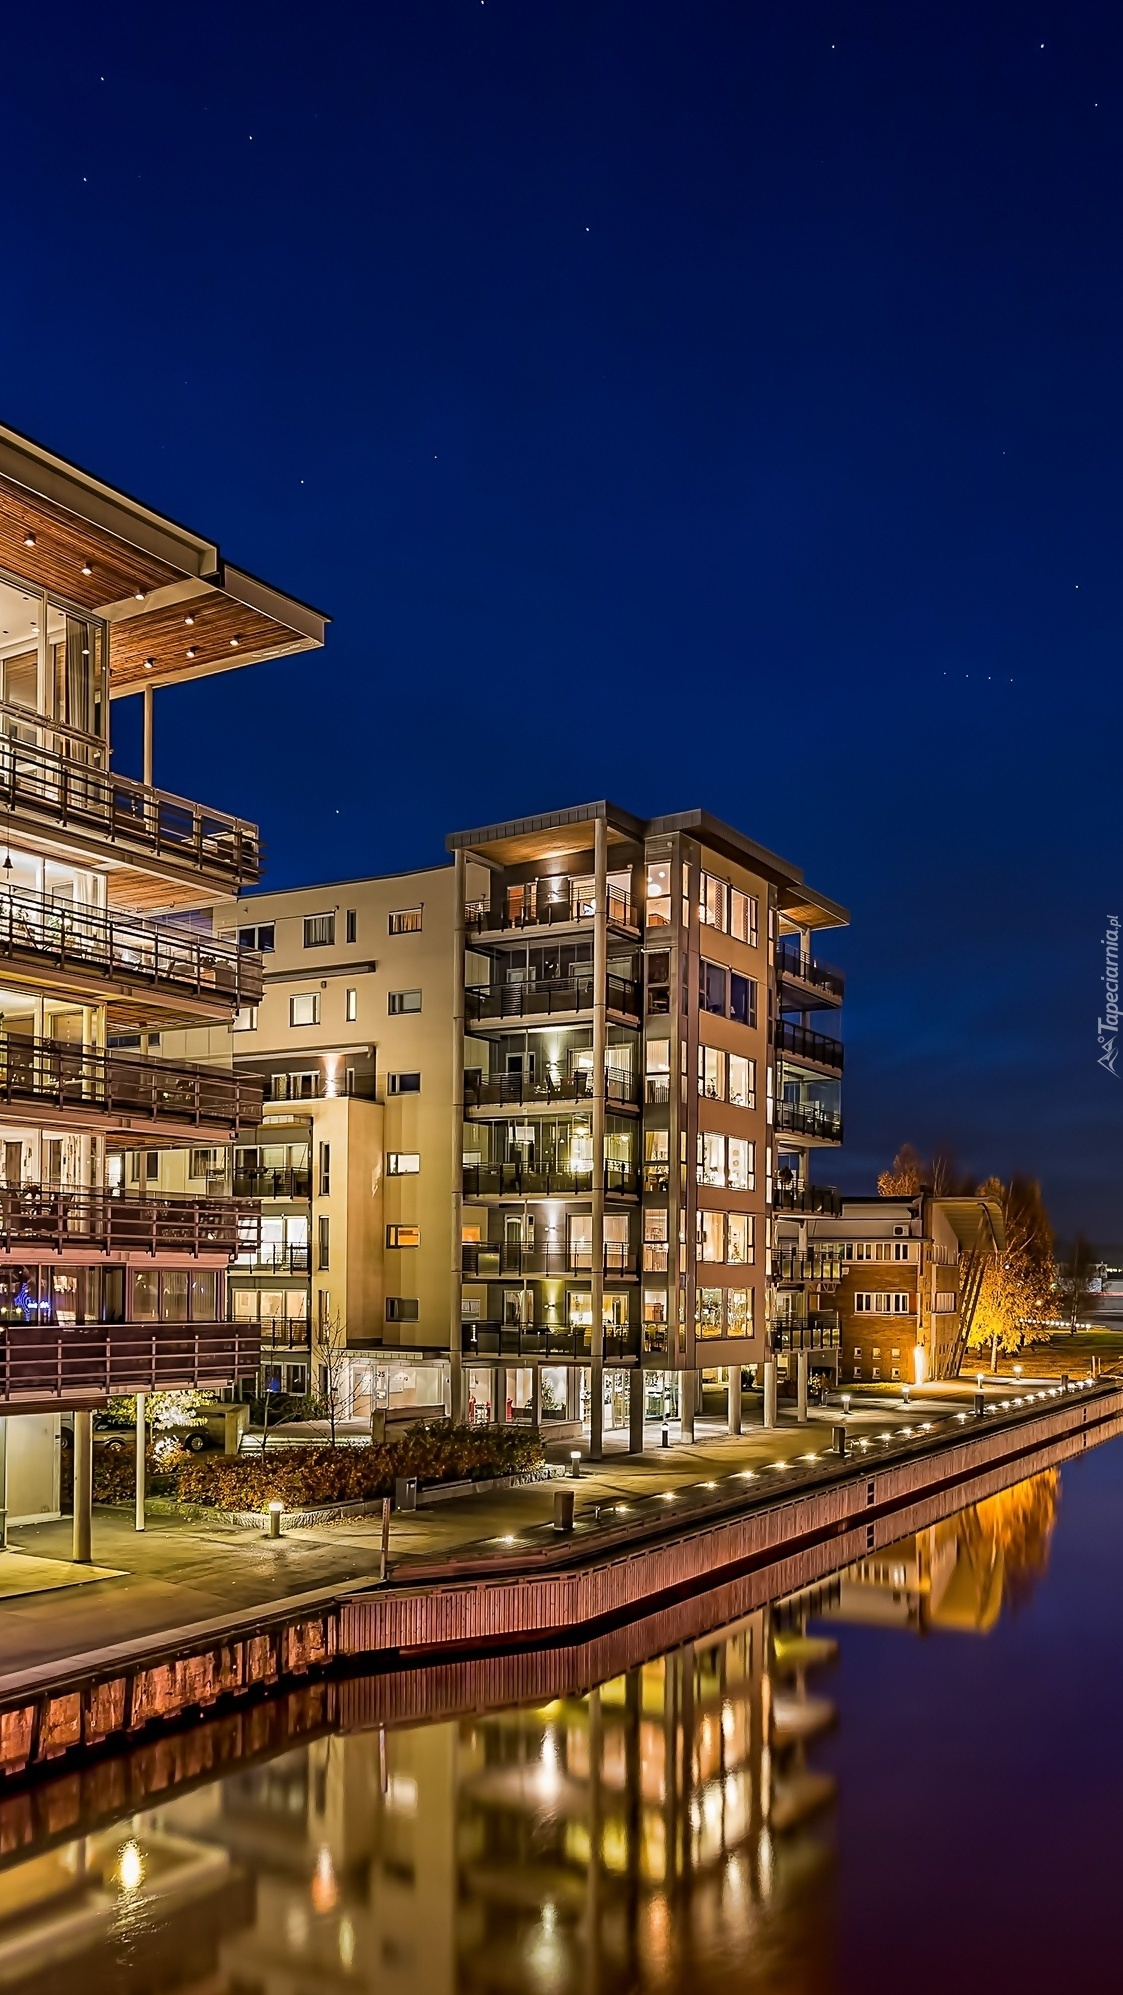 Oświetlone domy nad rzeką